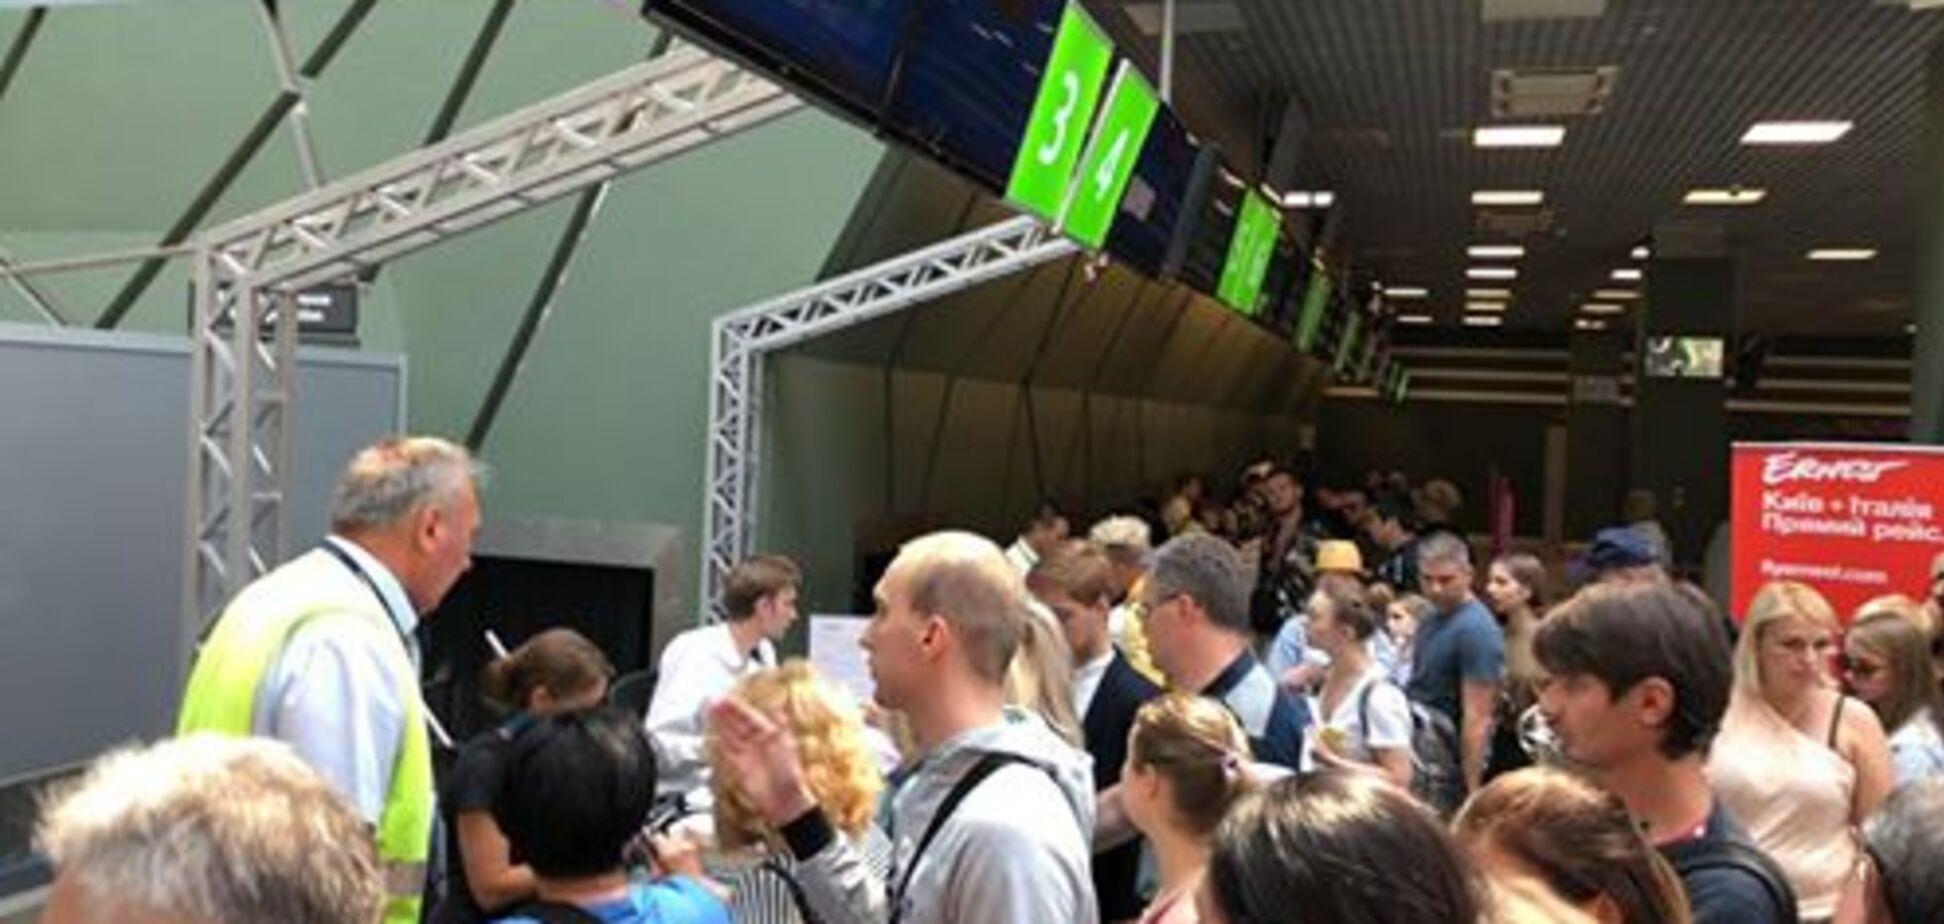 'Женщина получила удар': украинские туристы рассказали, что творится в аэропорту Киева